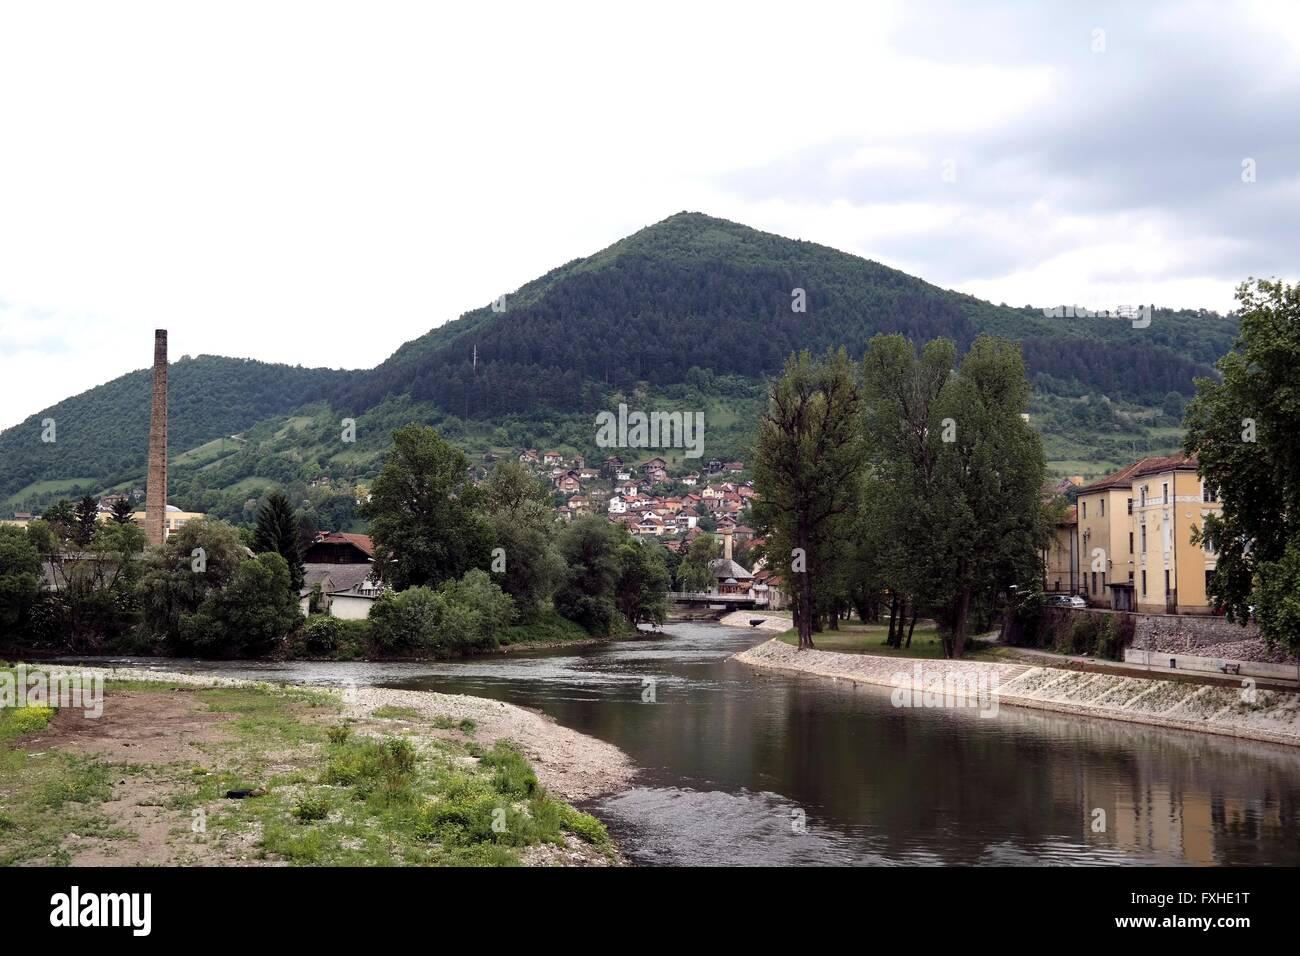 River Bosna and mountain Visočica in Visoko, Bosnia. - Stock Image